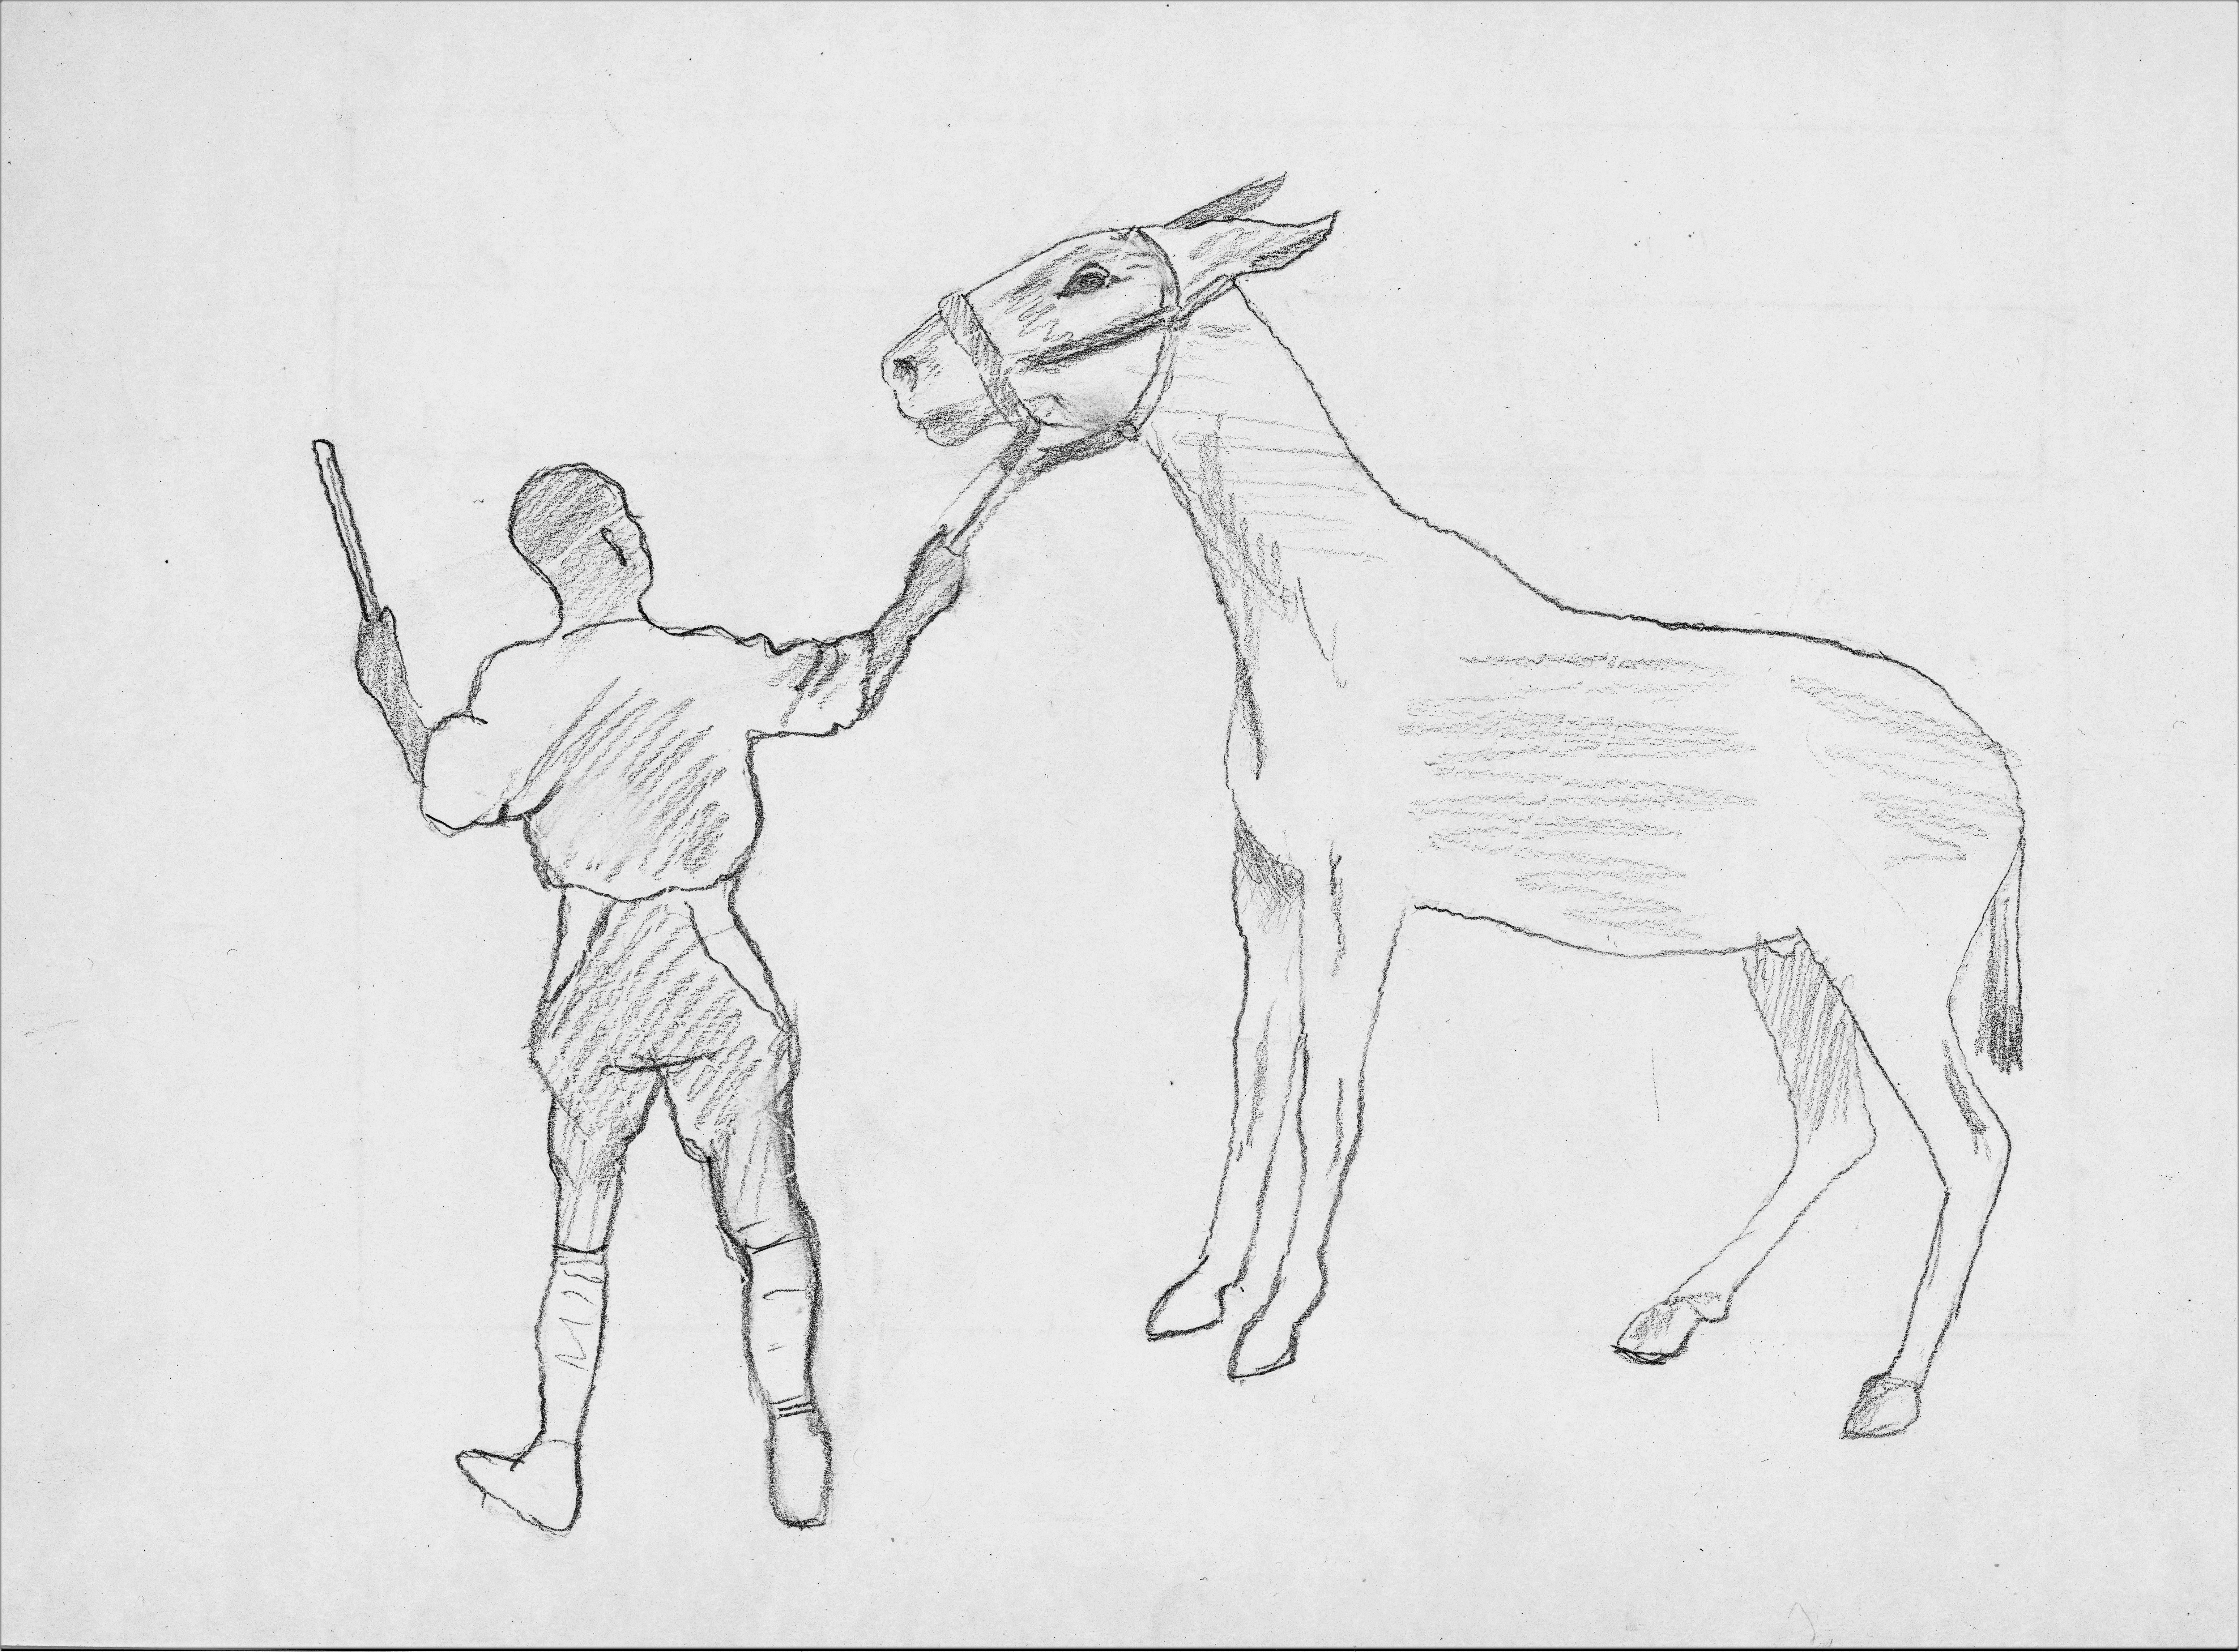 A muleteer handling a mule.